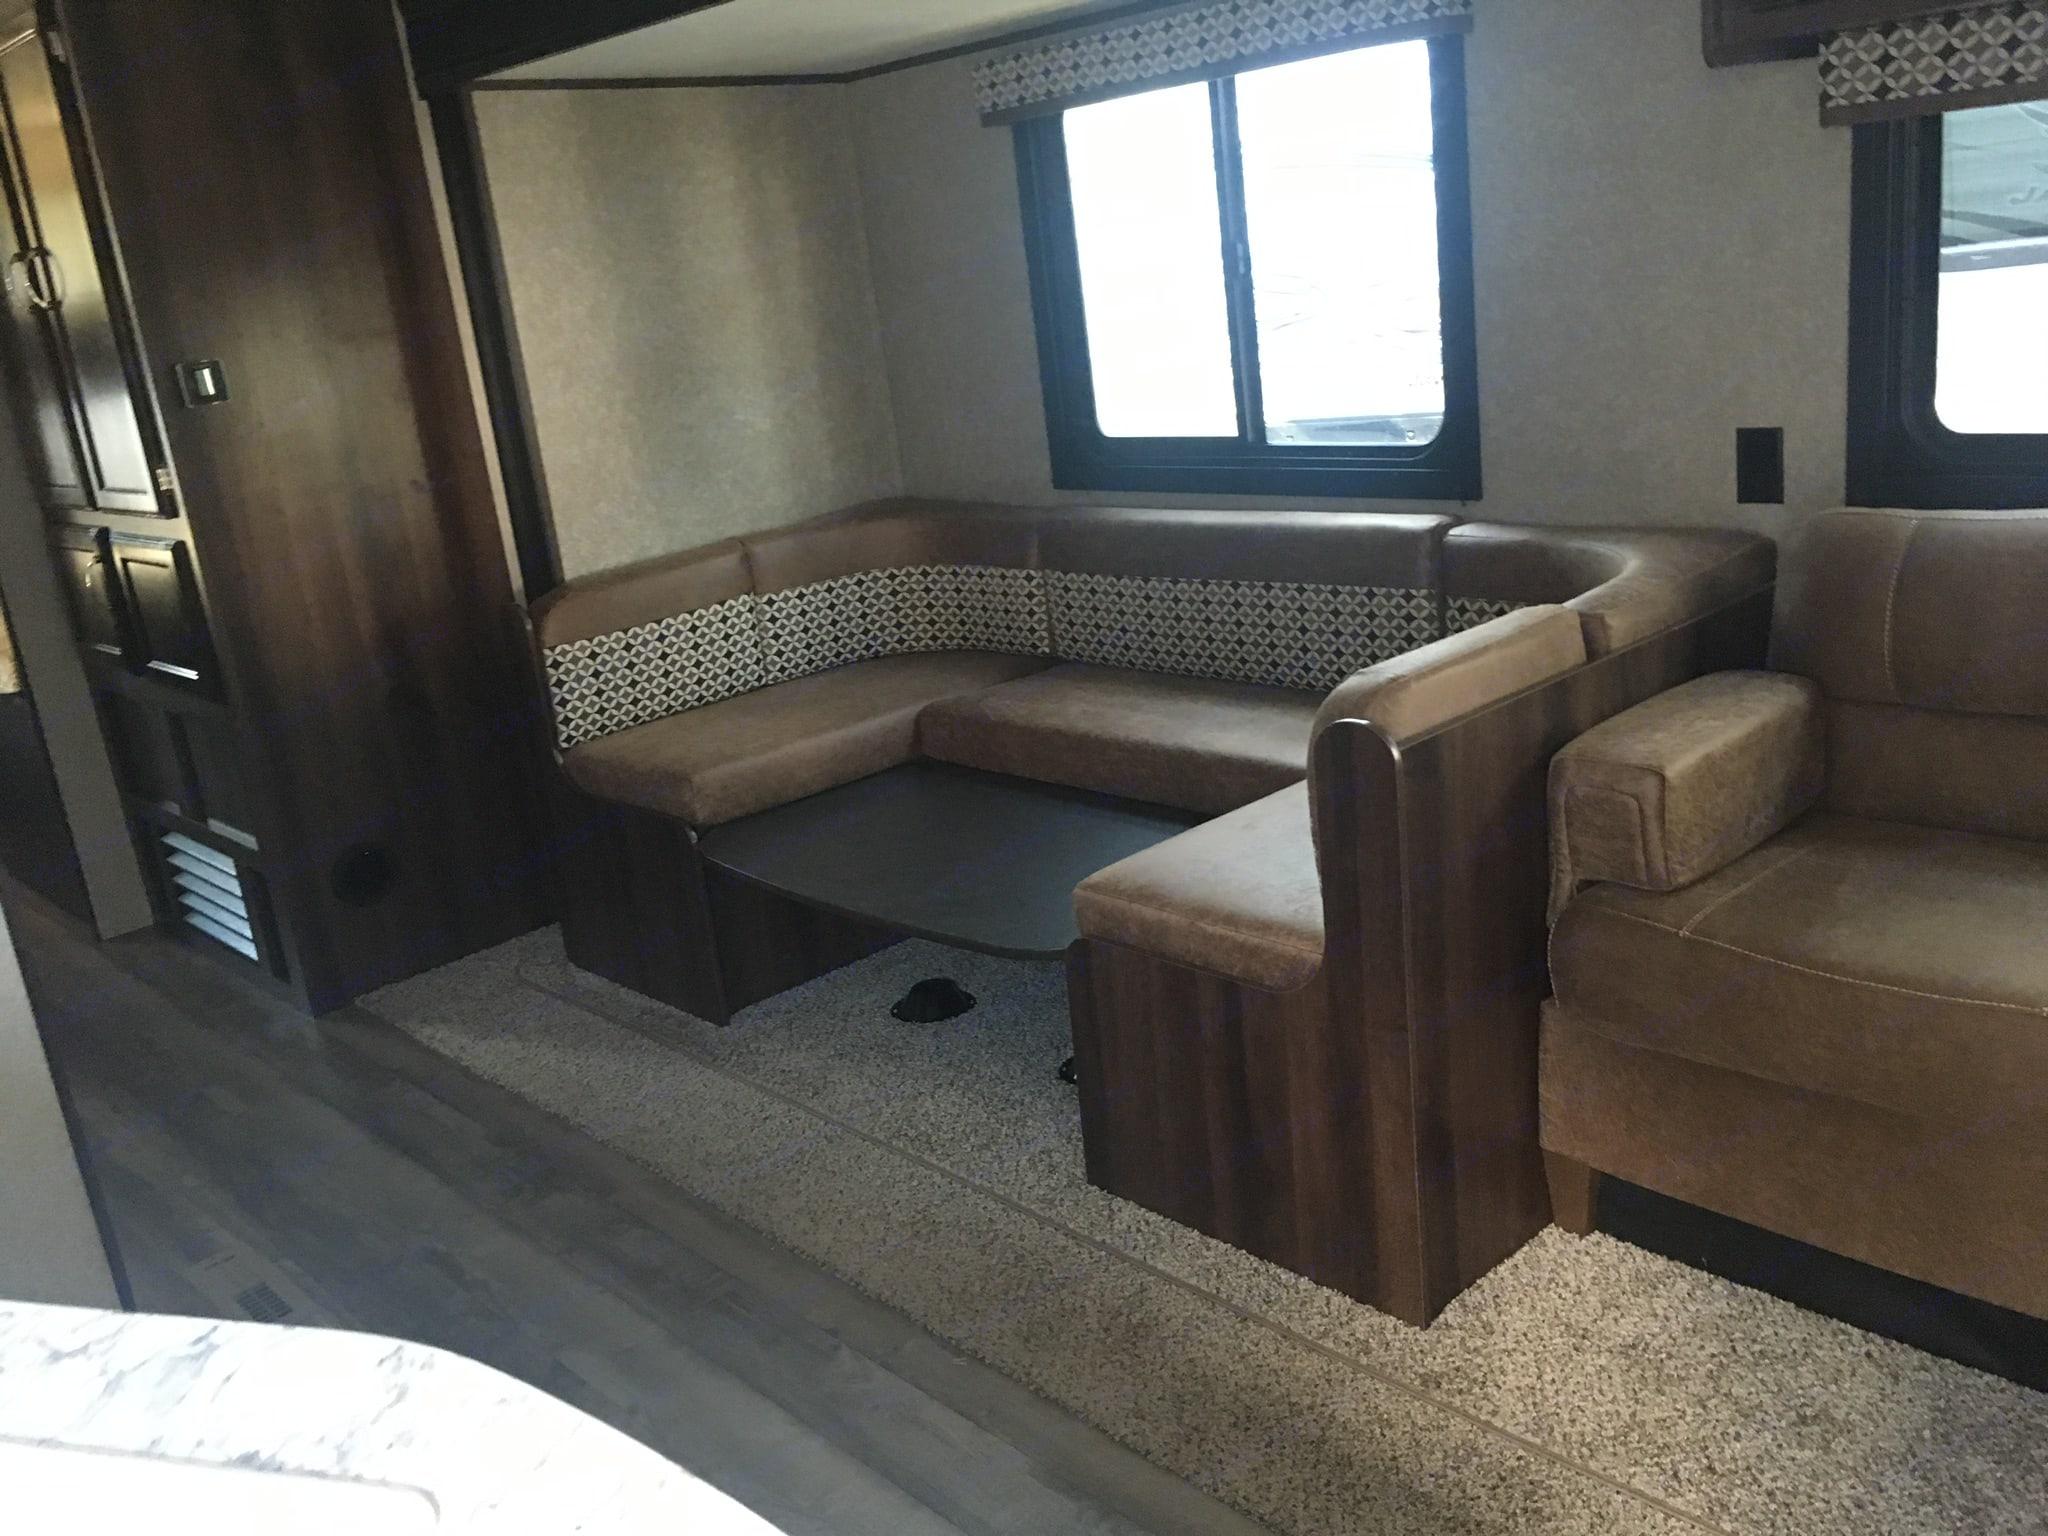 Living room area. Jayco Jay Flight 2018